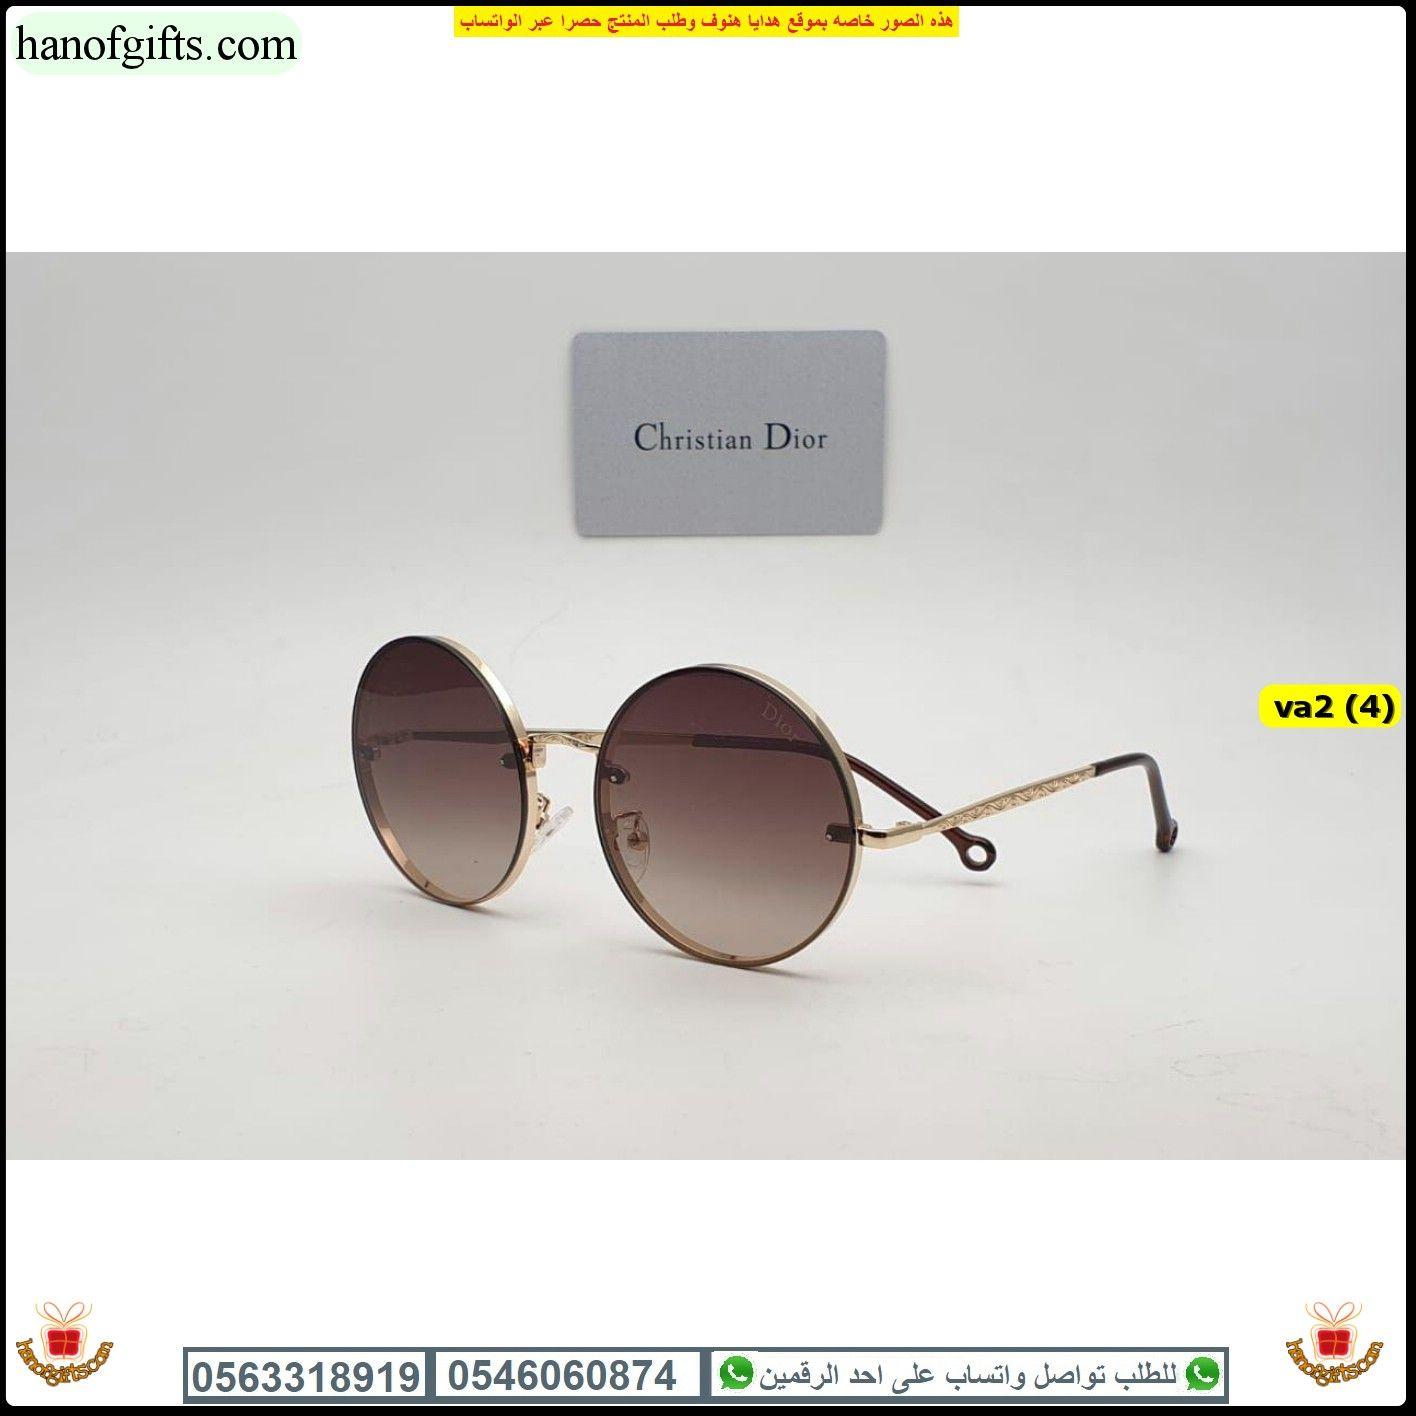 نظارات ديور نسائي Dior درجه اولى مع كامل ملحقاتها و بنفس الاسم هدايا هنوف Glasses Oval Sunglass Sunglasses